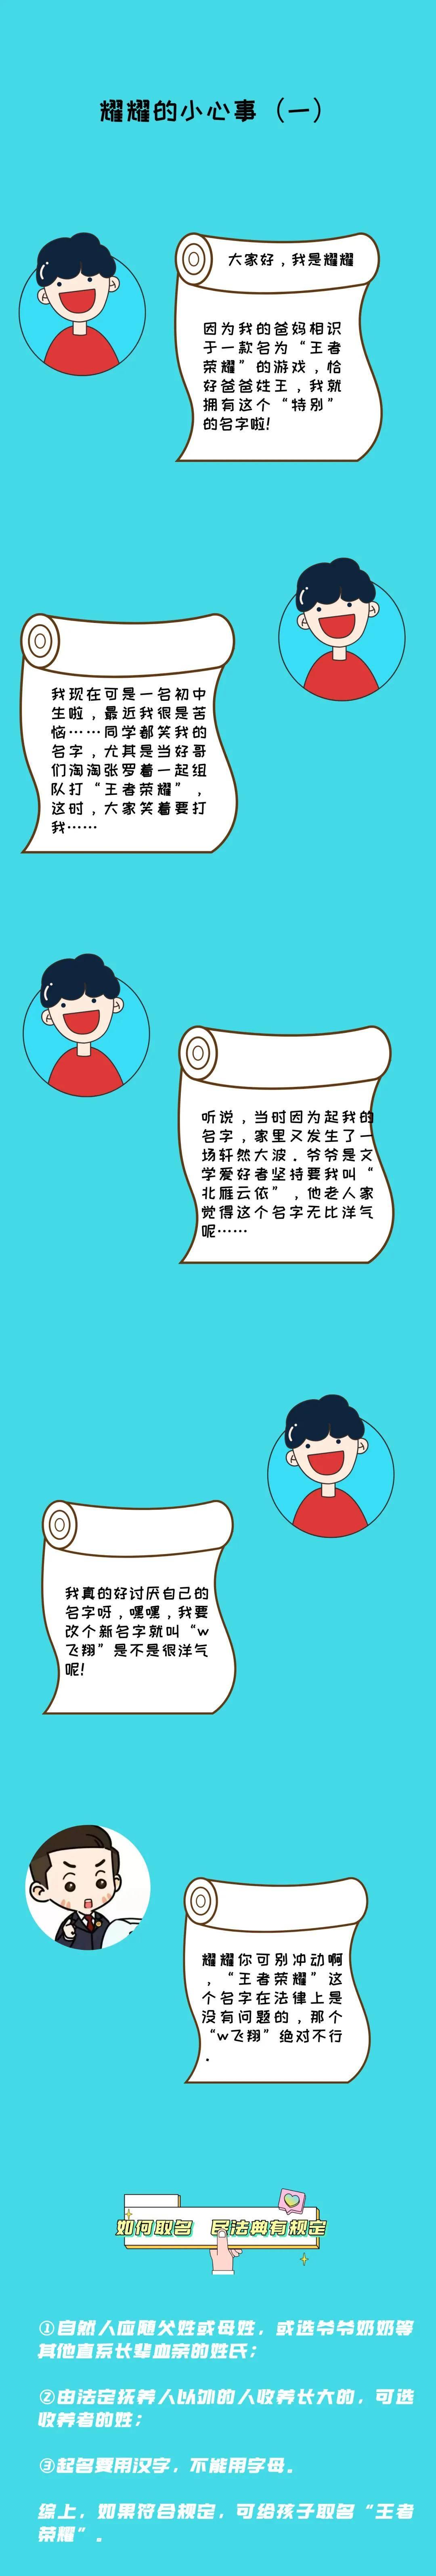 """""""王者荣耀、北雁云依""""能作名字吗?《民法典》""""拍了拍""""你,名字不能随意起"""